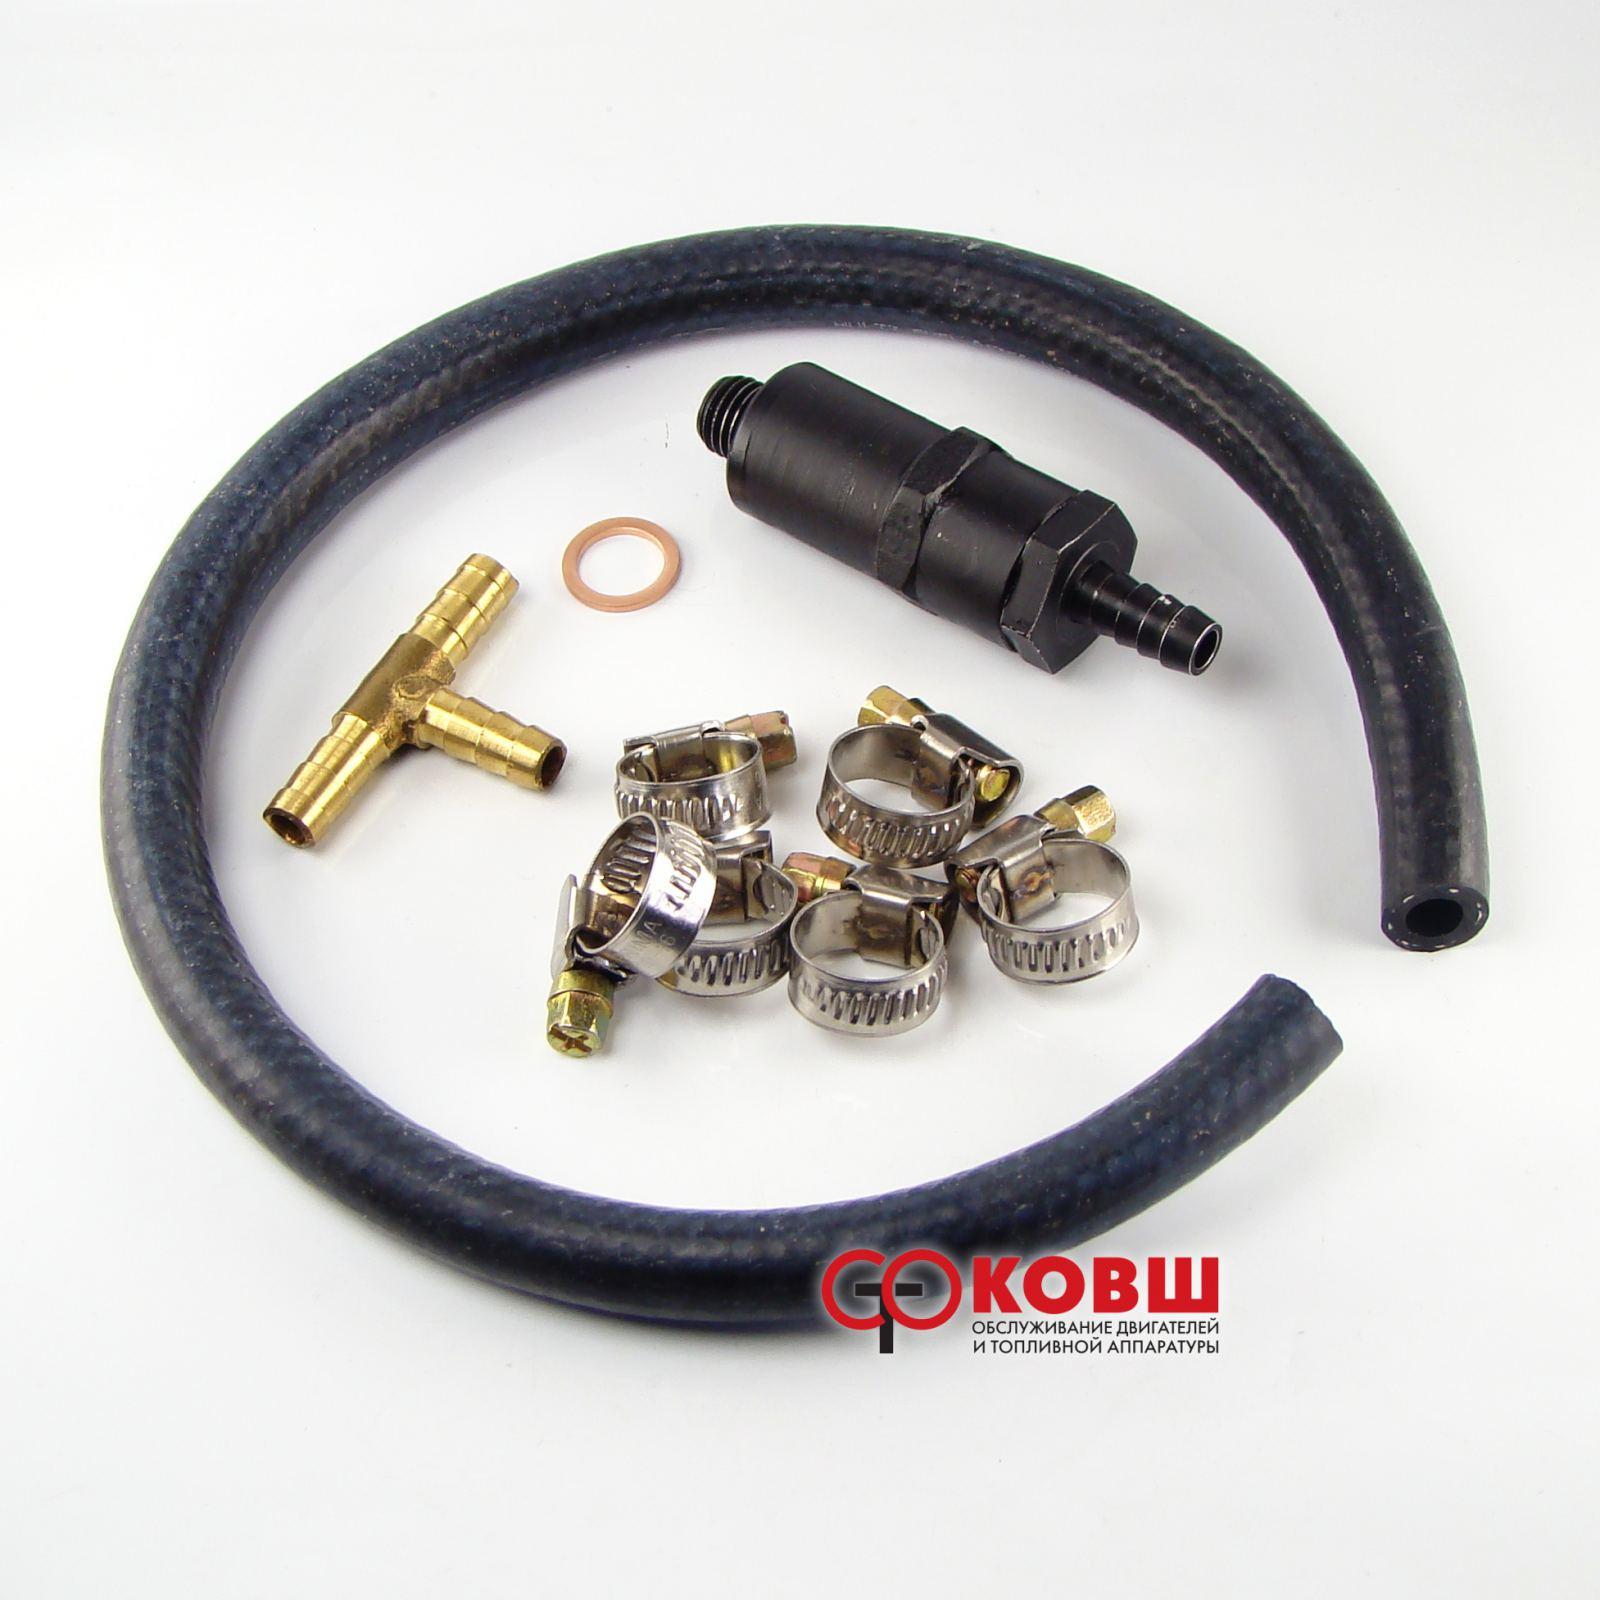 Обратный клапан топливный фольксваген транспортер т4 разъем на датчик включения вентилятора транспортер т4